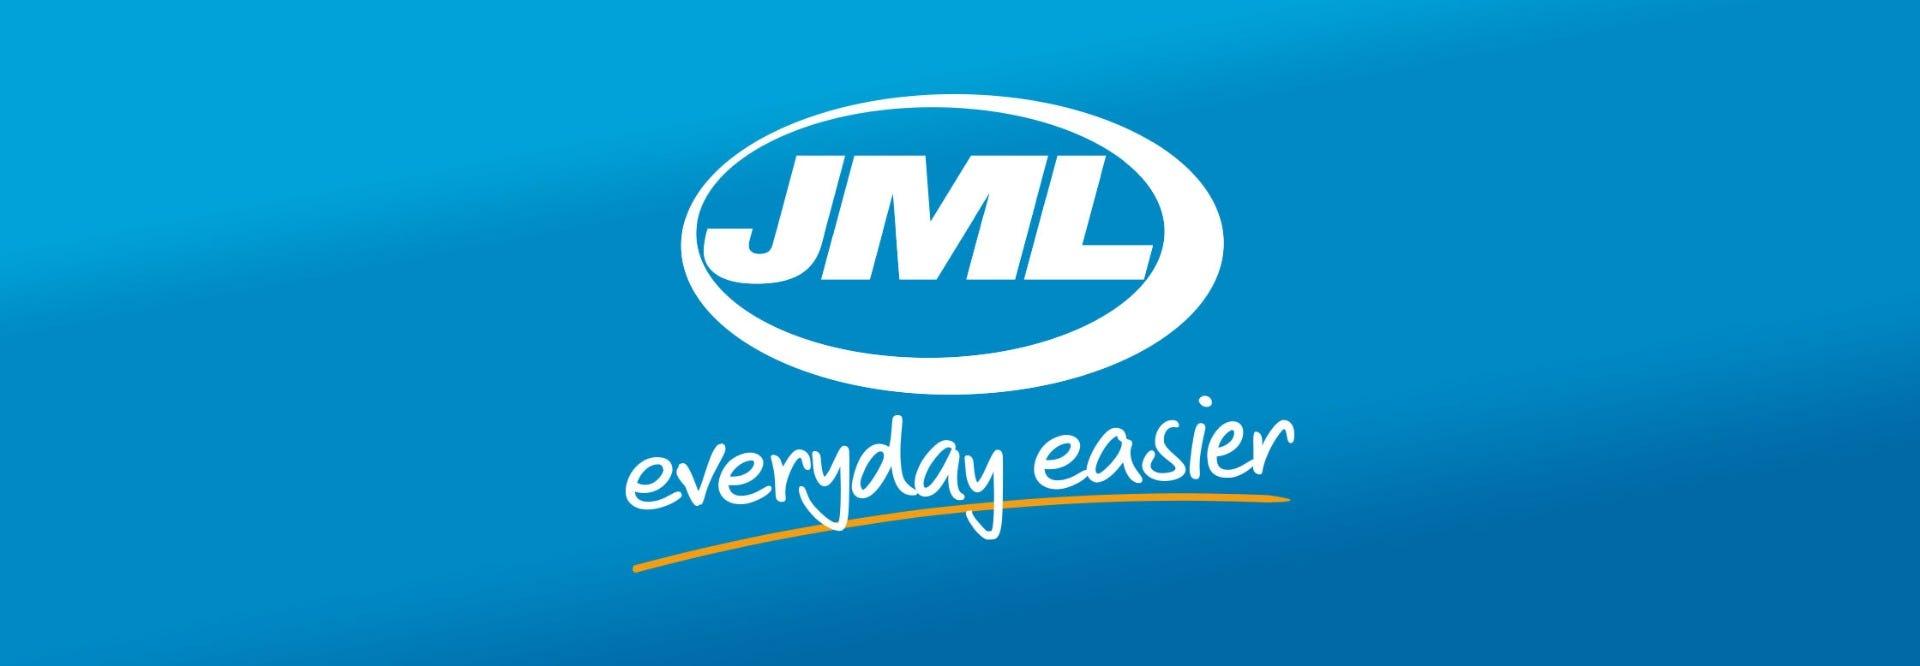 JML Christmas banner